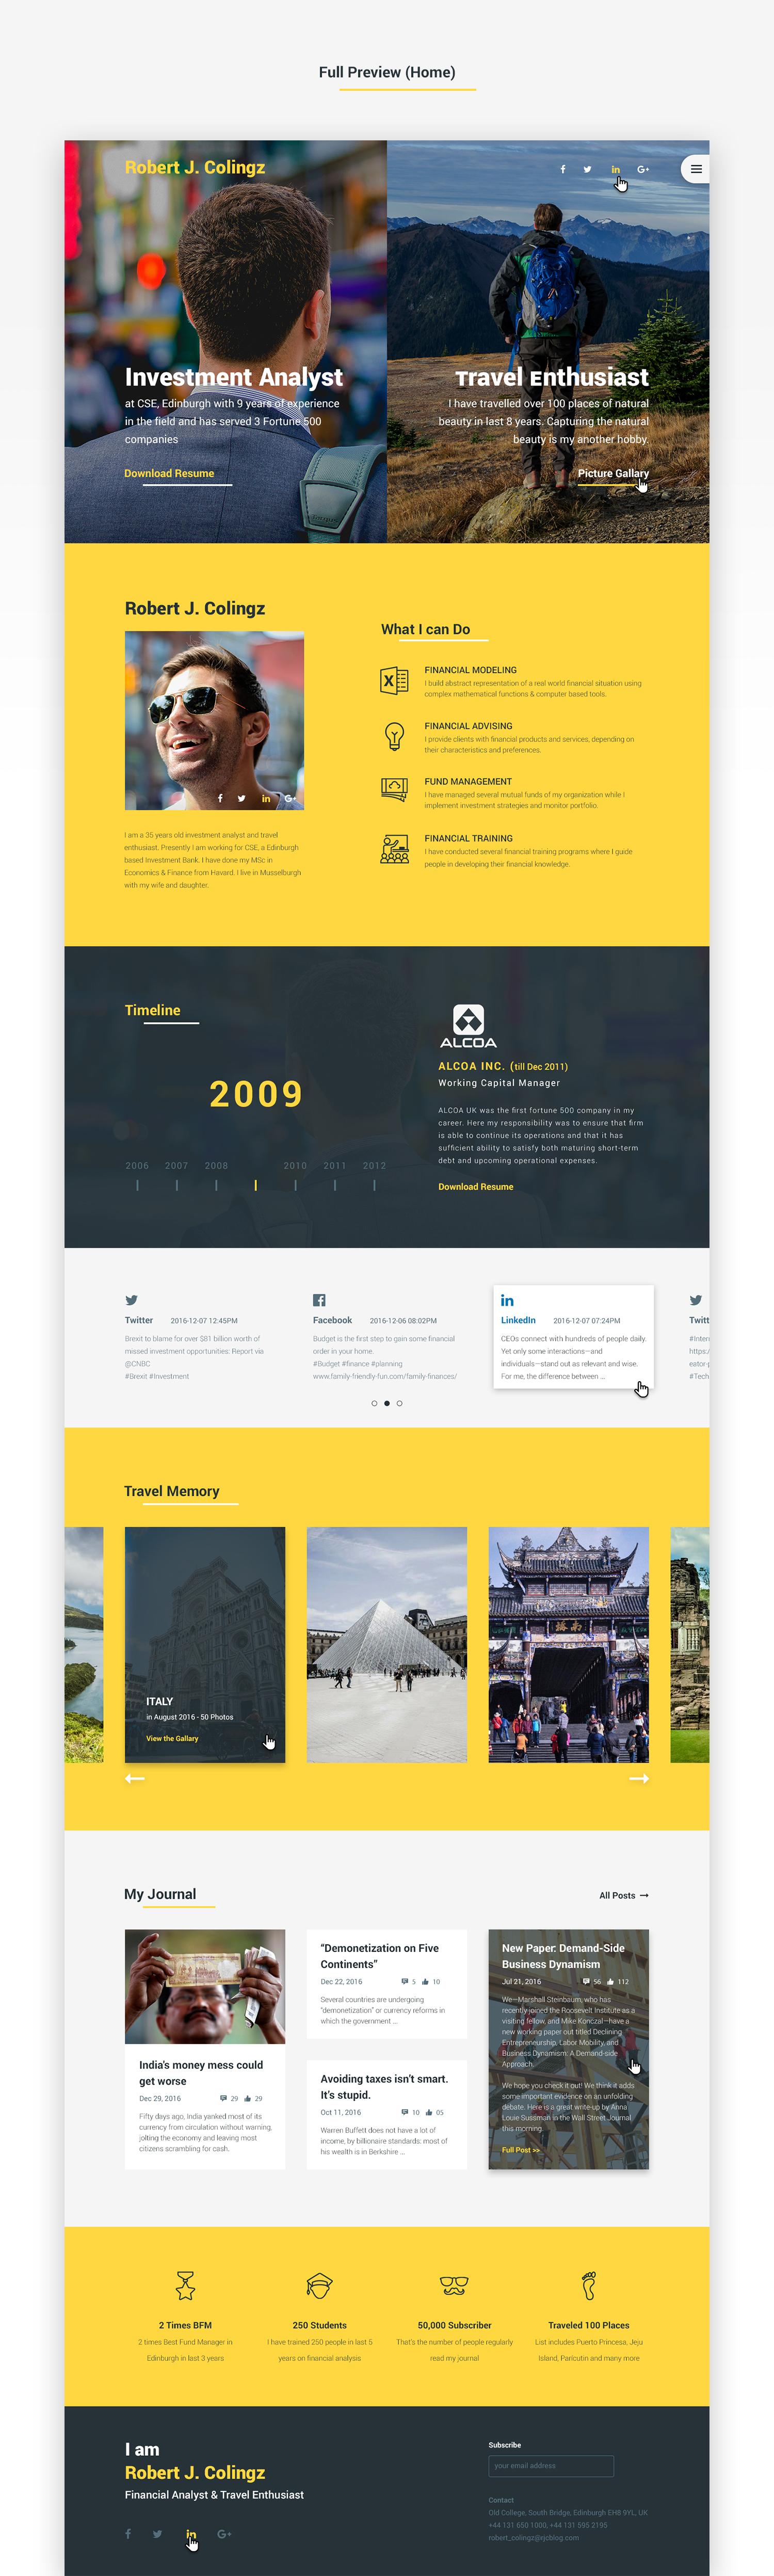 Colingz-好看的个人网站模板 psd素材下载 网页模板-第3张